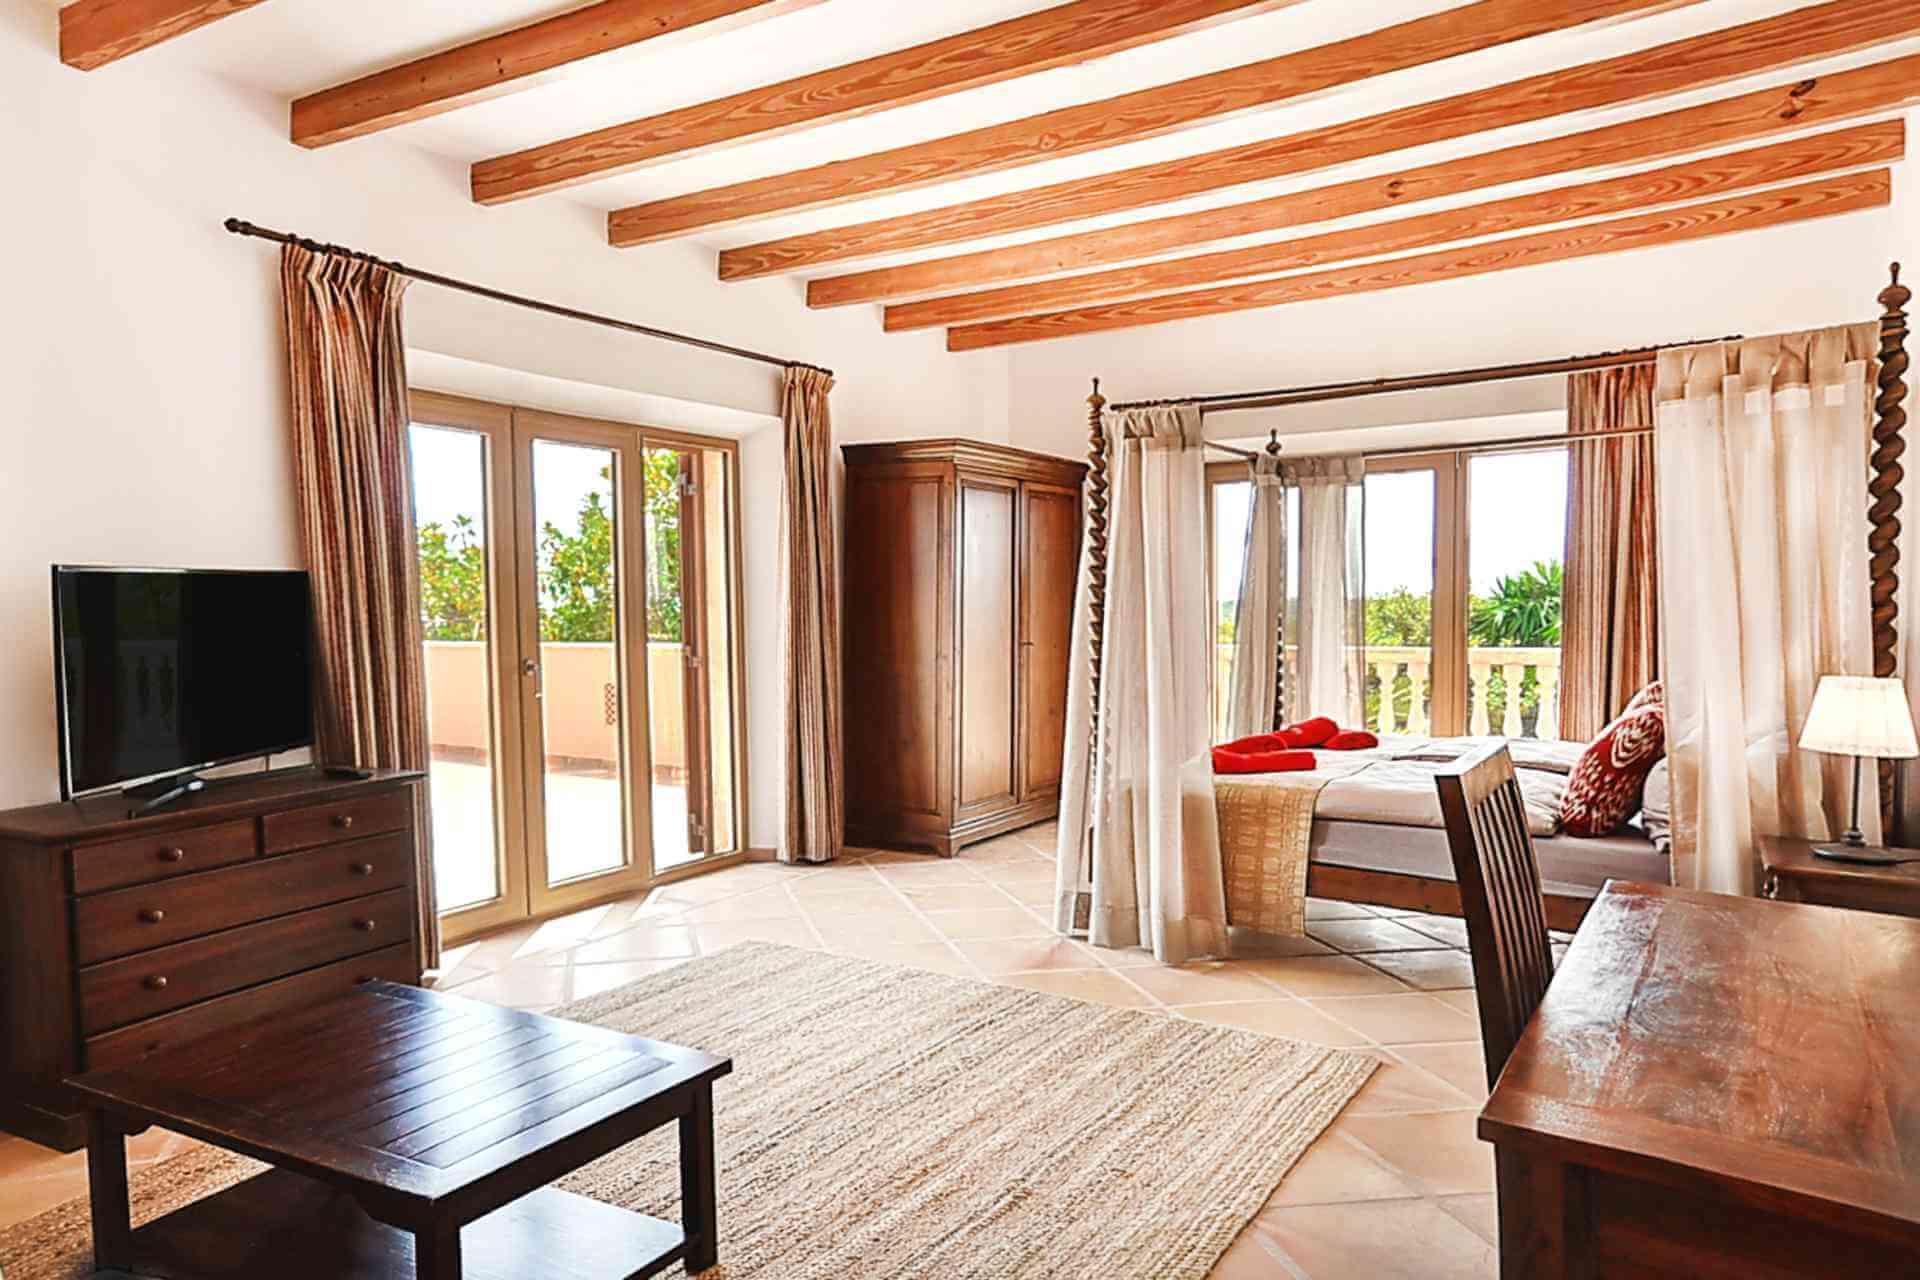 01-319 riesige luxus Finca Mallorca Osten Bild 27